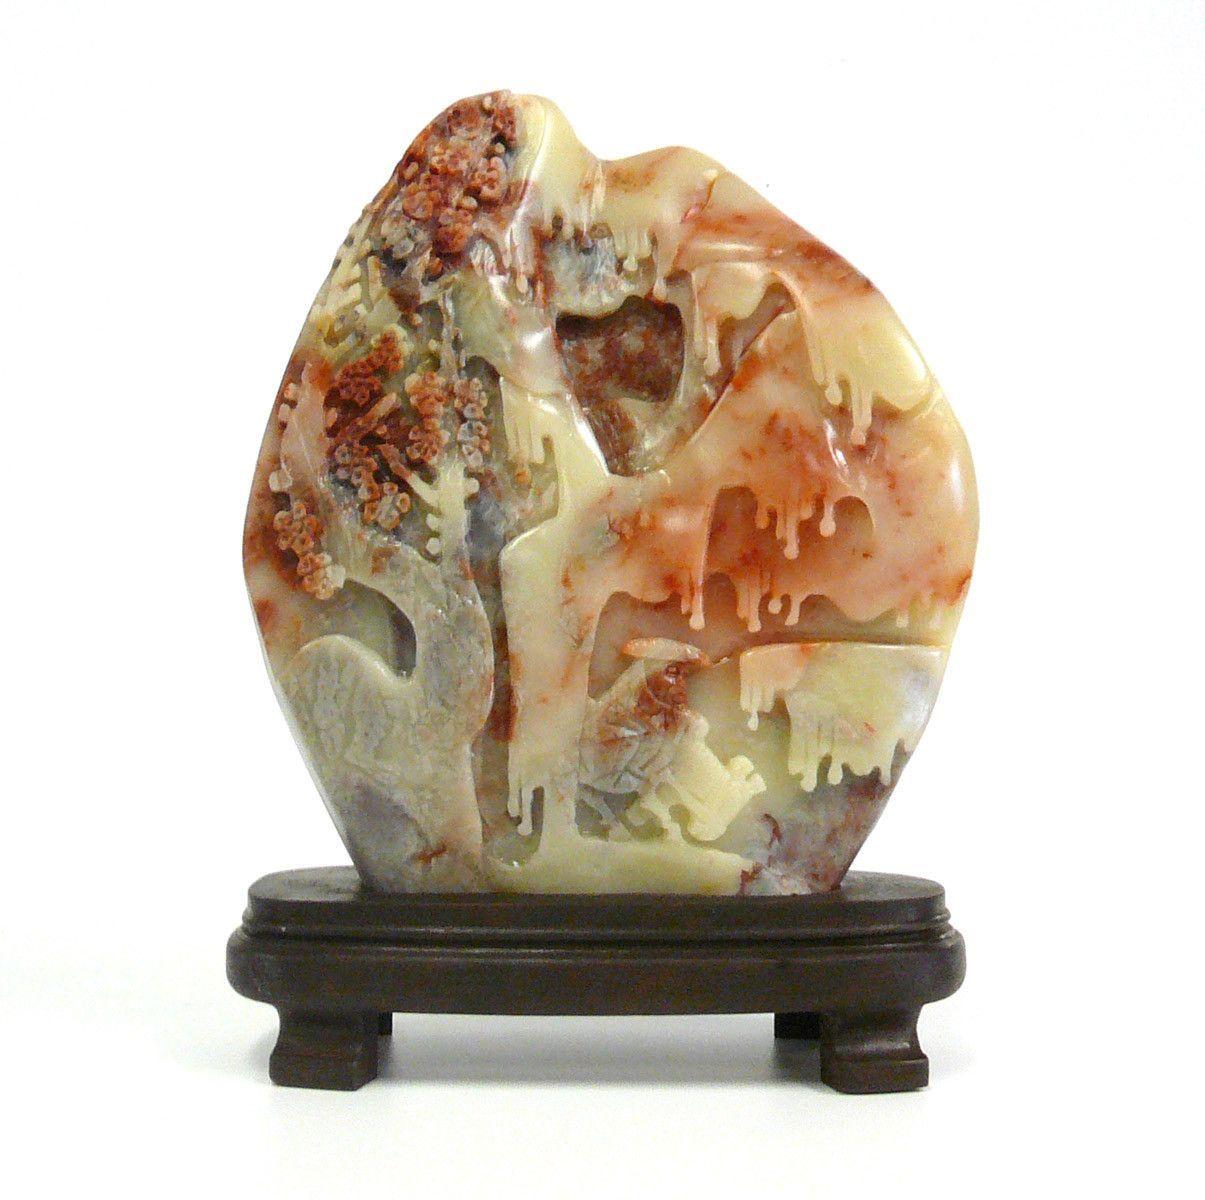 Chinese ShouShan Stone Tree Scenery Display Figure cs950-12S